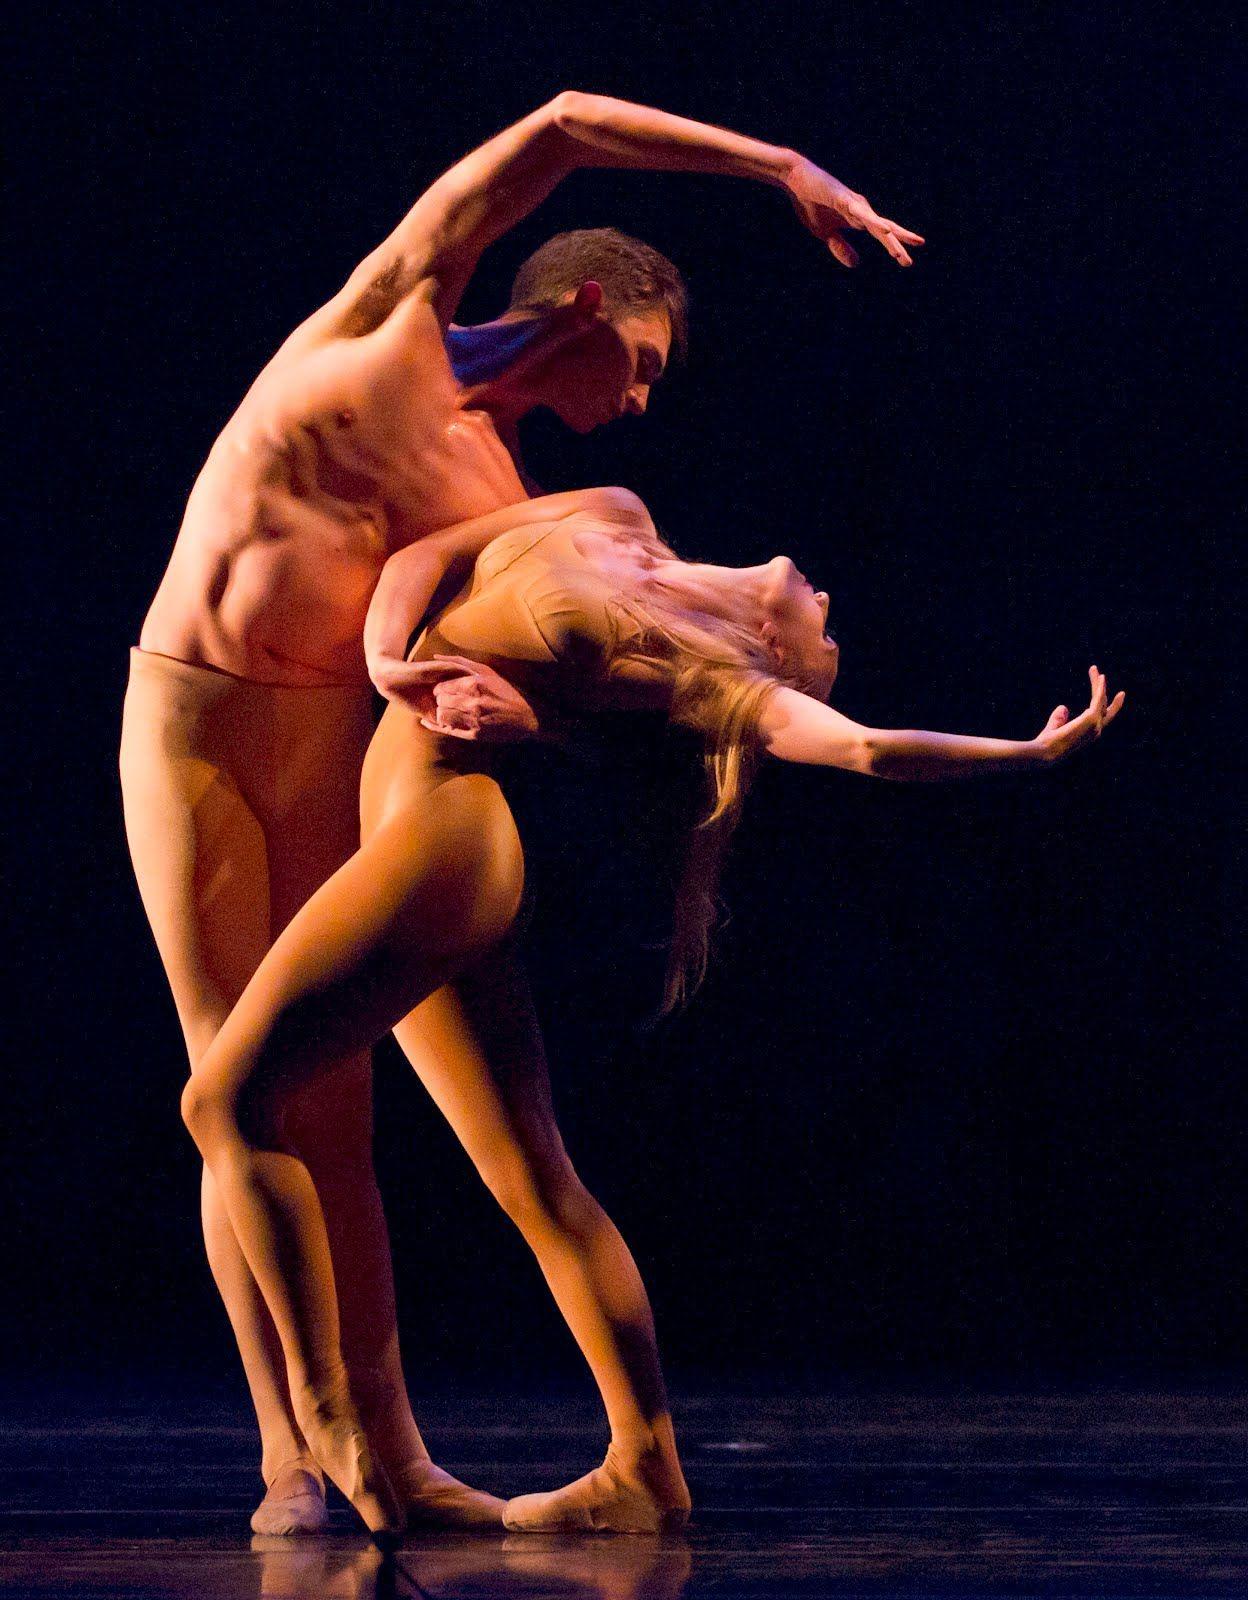 Смотрим Обнаженные Танцы